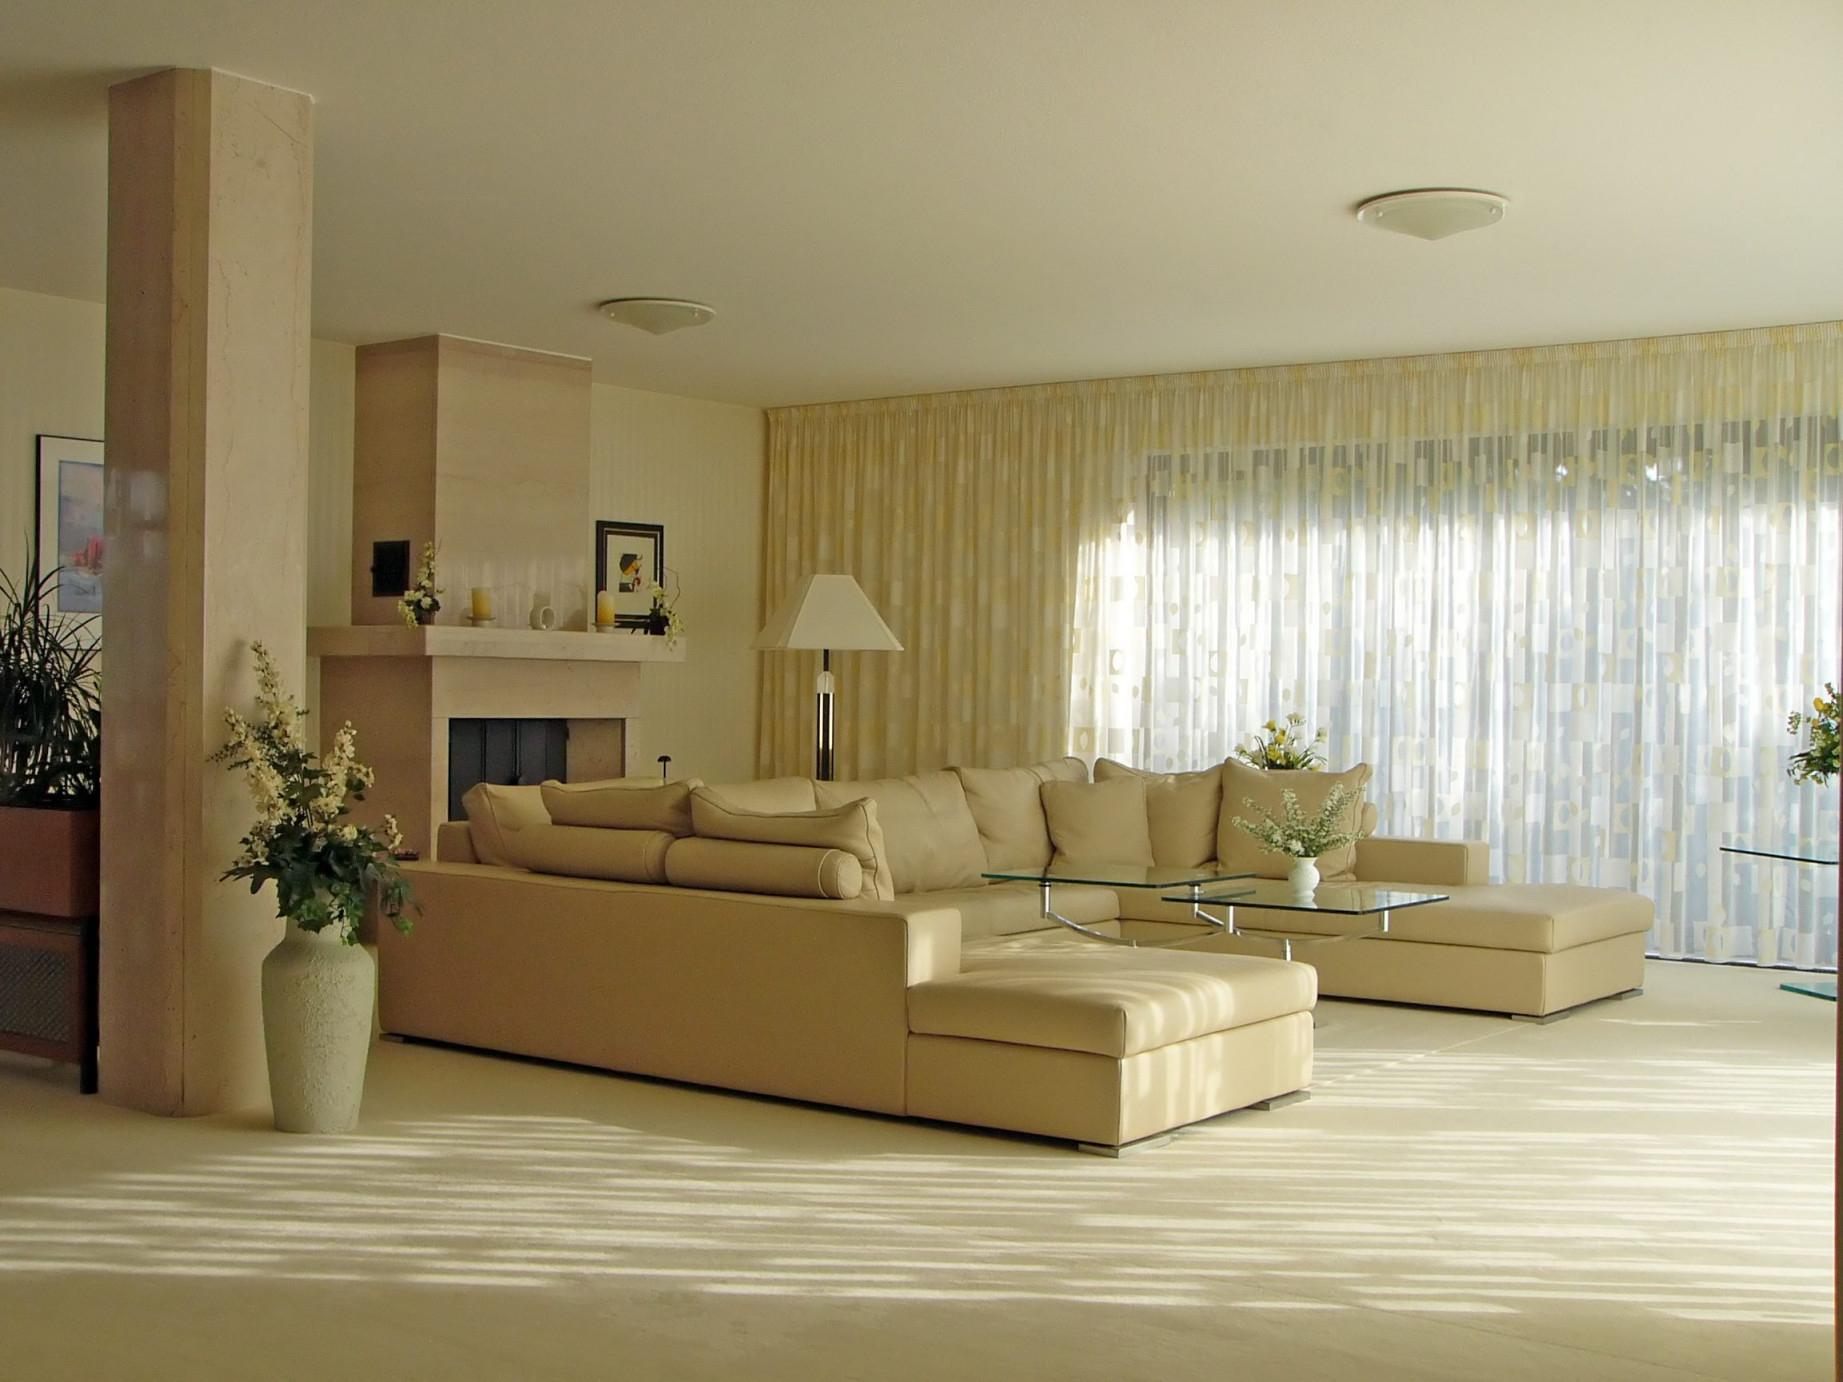 Ein Luxuswohnzimmer Einrichten – Ideen Und Tipps  Luxus von Wohnzimmer Einrichten Ideen Bild